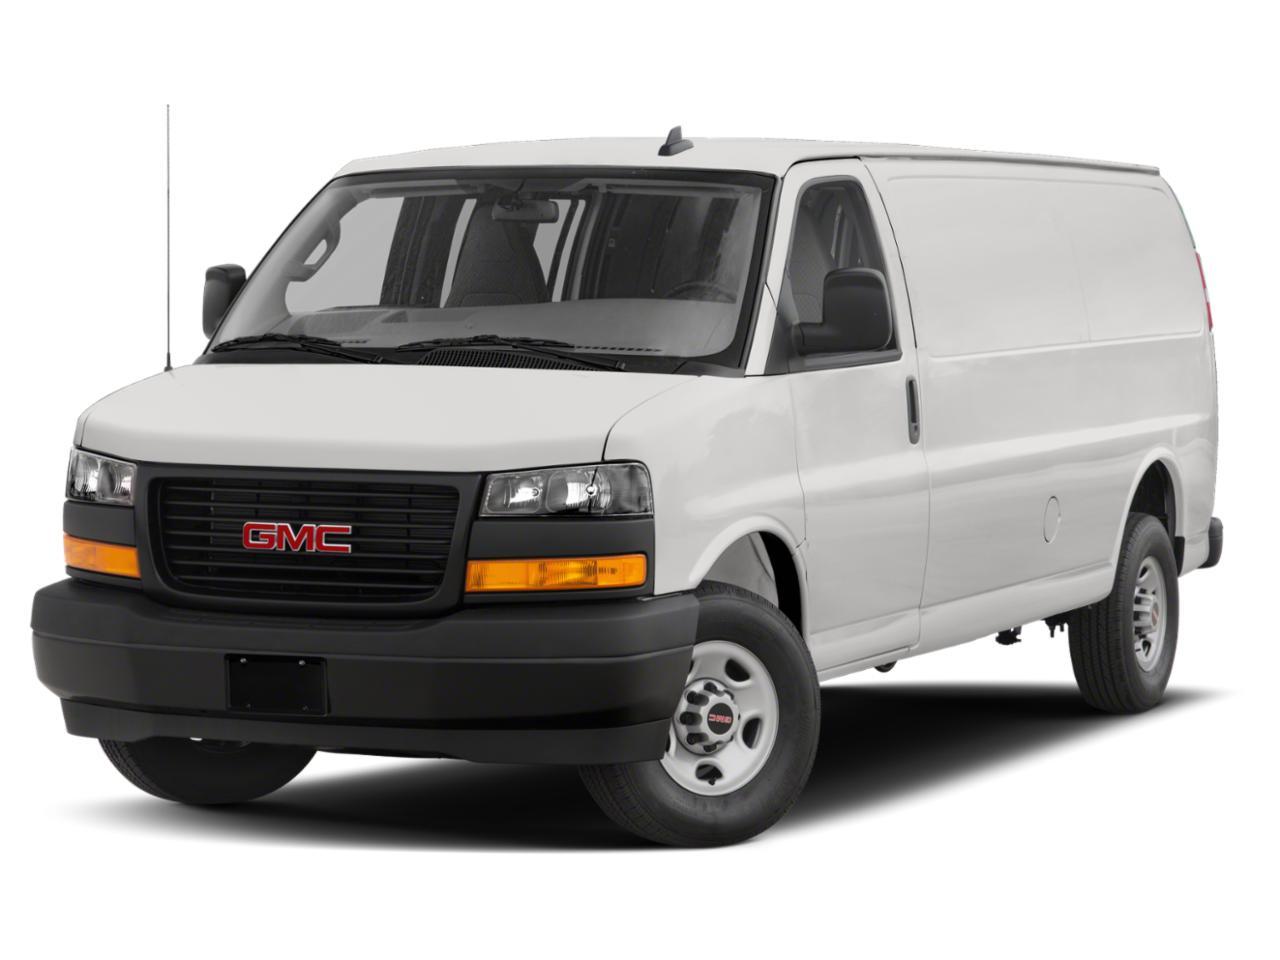 2020 GMC Savana Cargo Van Vehicle Photo in Doylestown, PA 18902